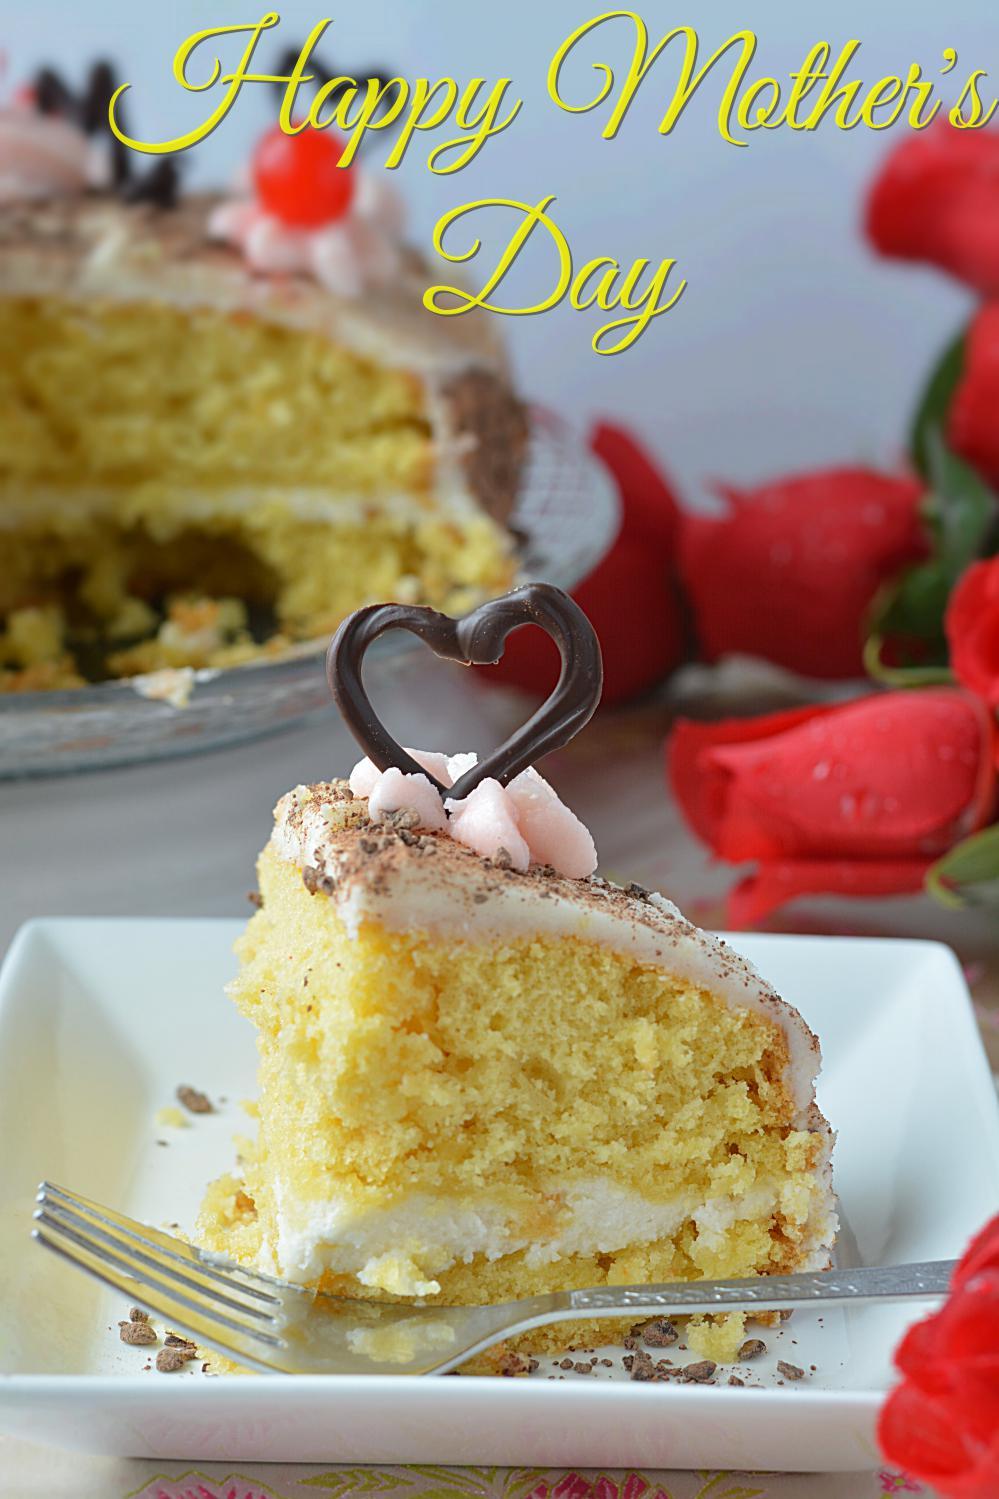 Eggless Cake Using Cake Mix